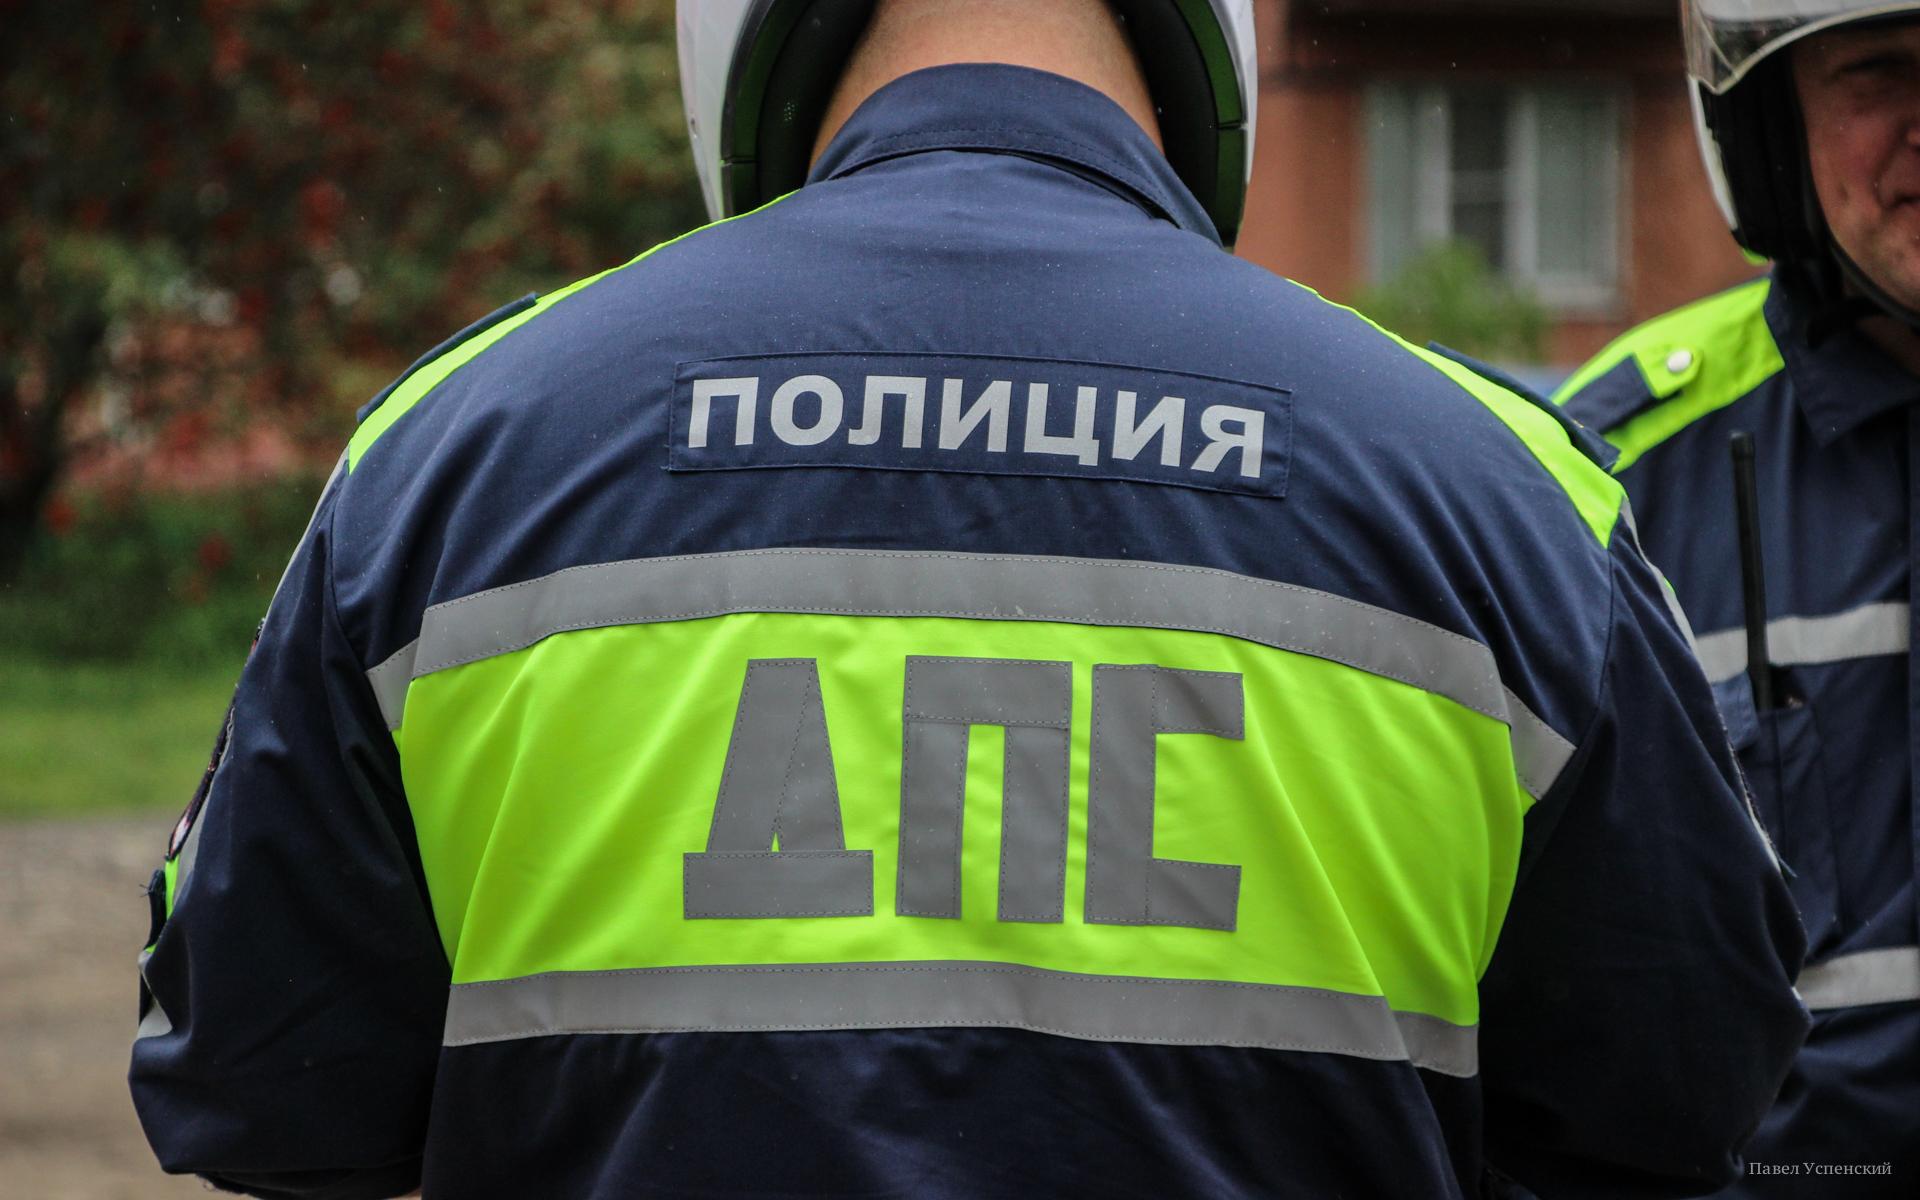 Пьяный водитель получил травмы в ДТП на М10 под Тверью - новости Афанасий